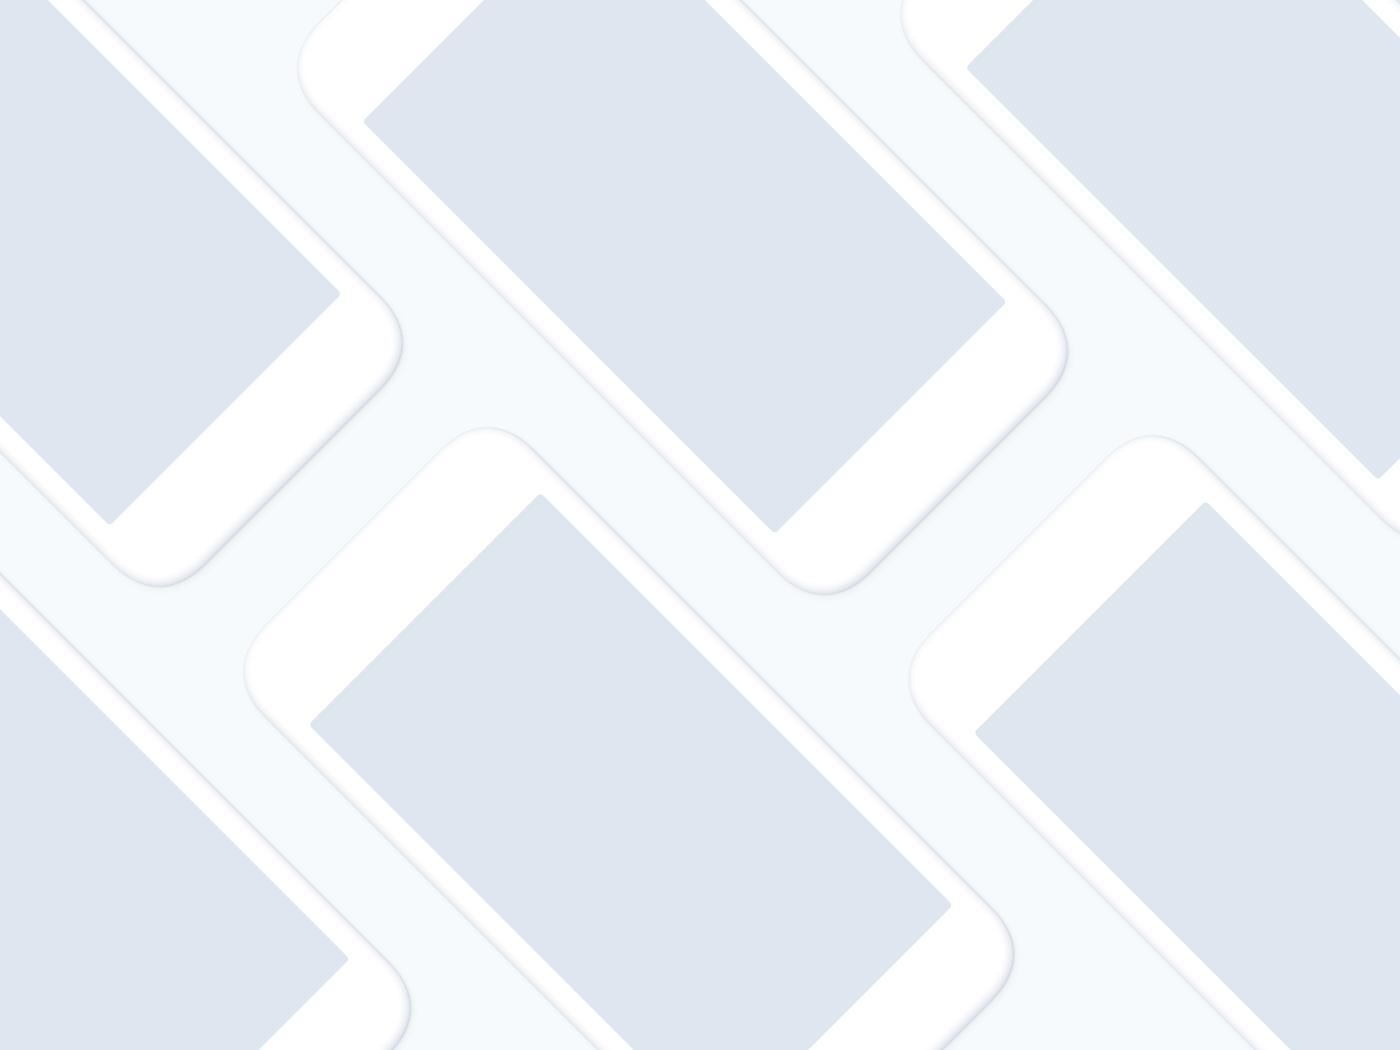 iPhone Minimalist Mockup - Clean Apple Devices - Freebies